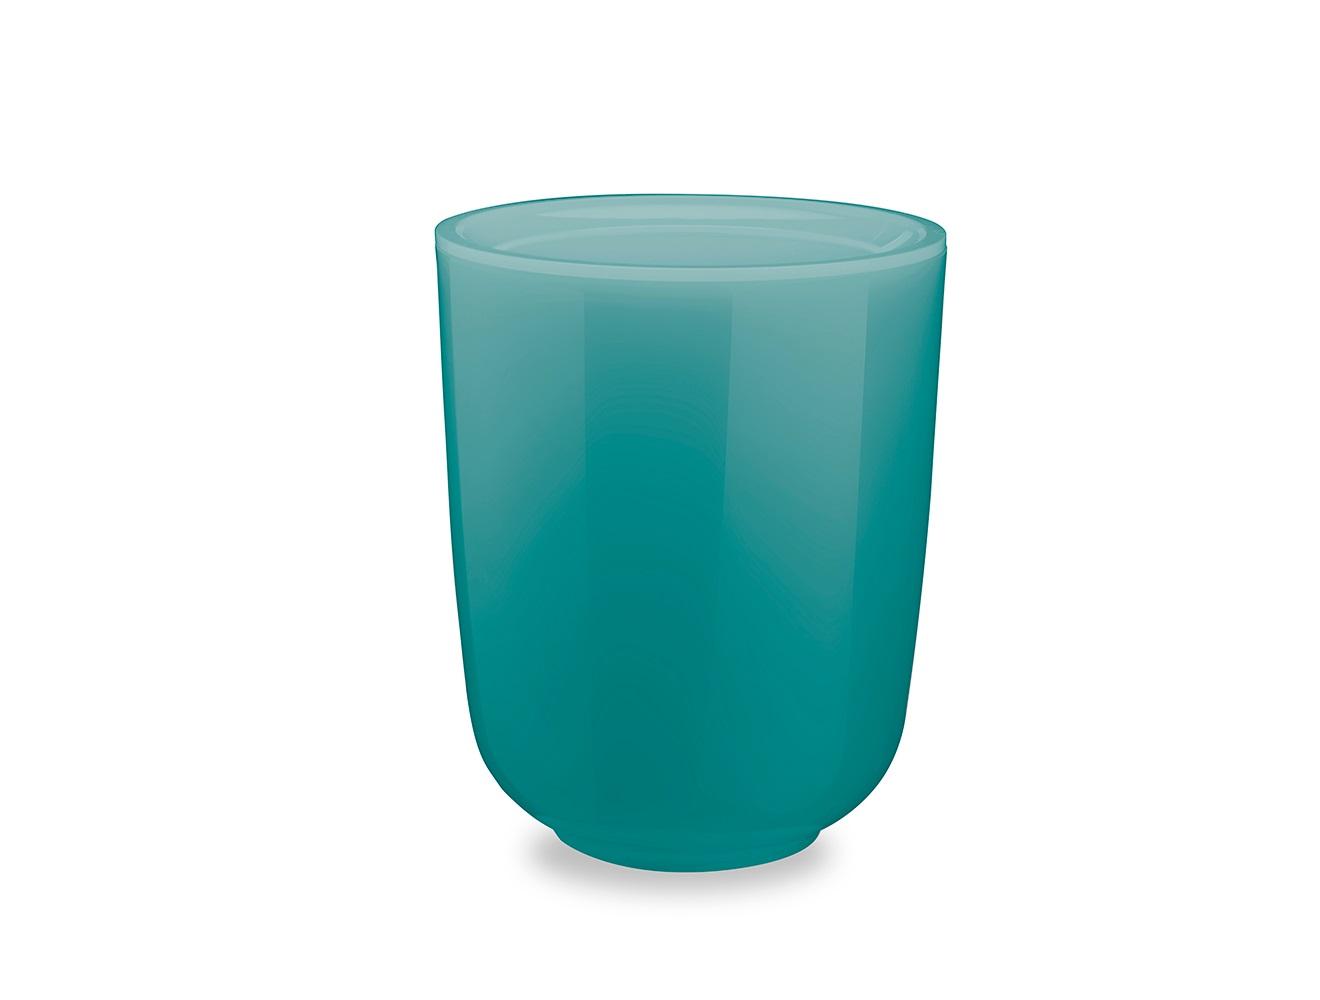 Корзина для мусора dropletЕмкости для хранения<br>Серию аксессуаров для ванной Droplet характеризуют плавные линии, прозрачные материалы и мягкие цвета.  Благодаря современным технологиям, аксессуары выглядят как стеклянные, но при этом прочные и небъющиеся. Мусорная корзина с крышкой для ванной  Droplet из прозрачного акрила поможет сохранять чистоту, и при этом украсит ванную комнату благодаря своему стильному дизайну.<br><br>Design: Michelle Ivankovic<br><br>Material: Акрил<br>Height см: 19,6<br>Diameter см: 24,8